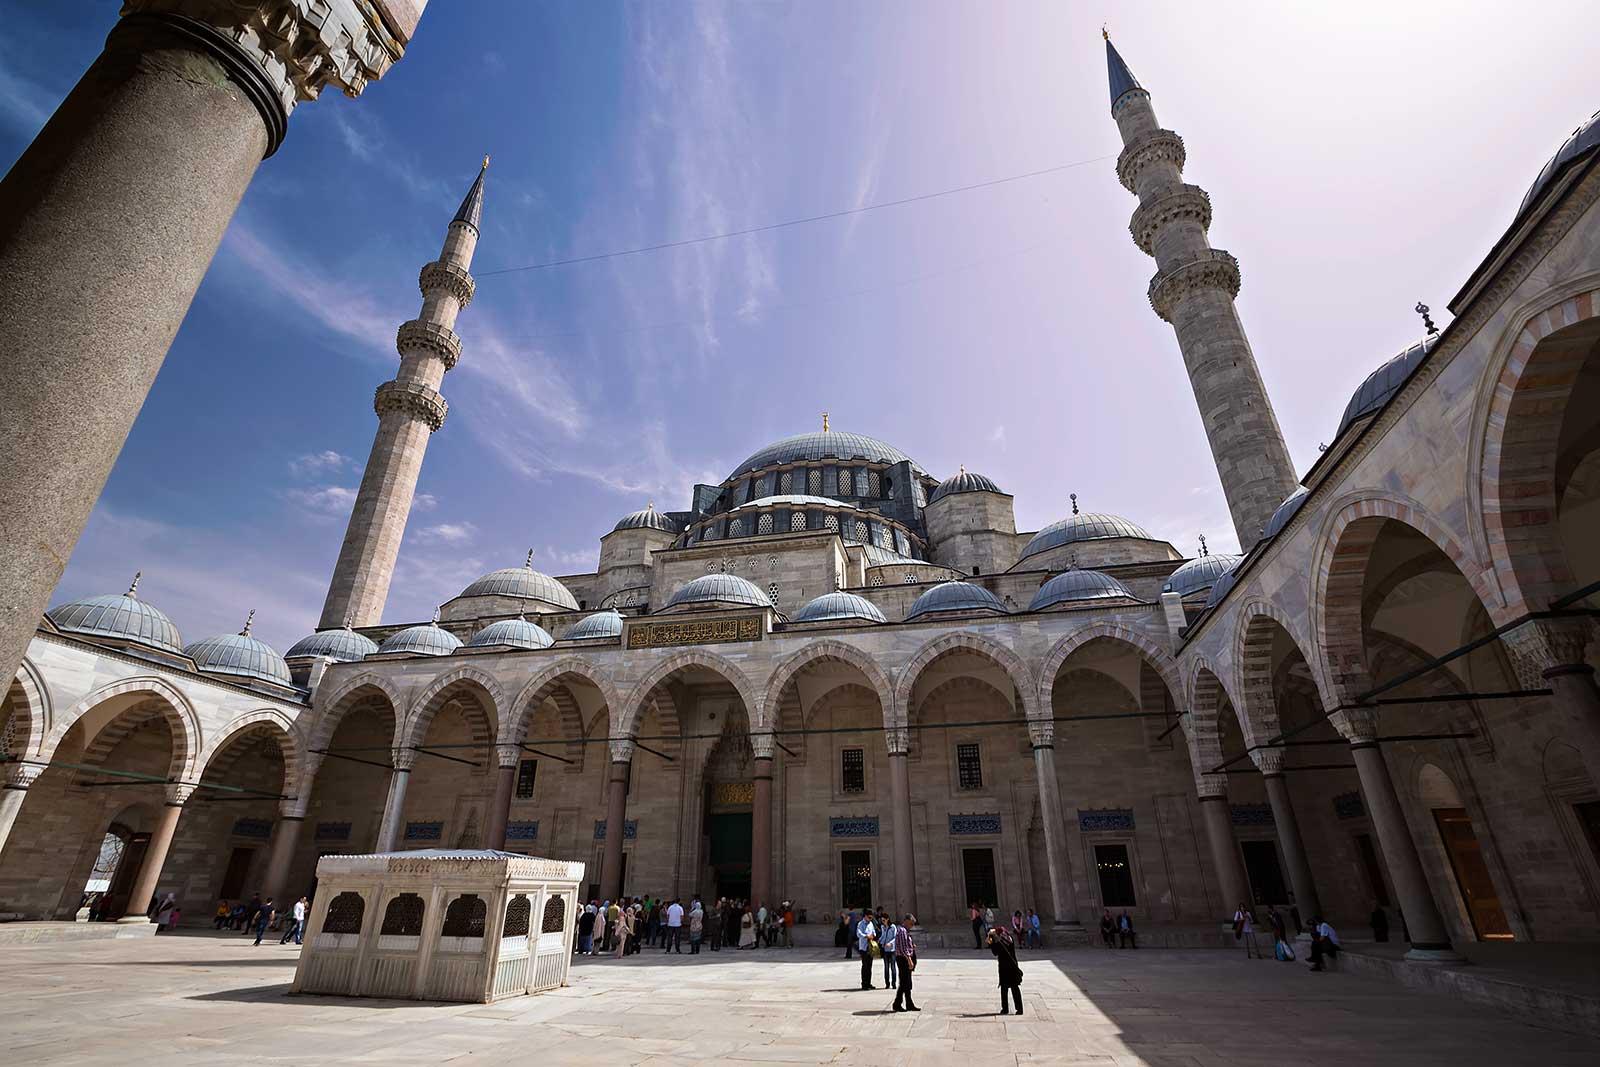 süleymaniye-mosque-istanbul-turkey-1